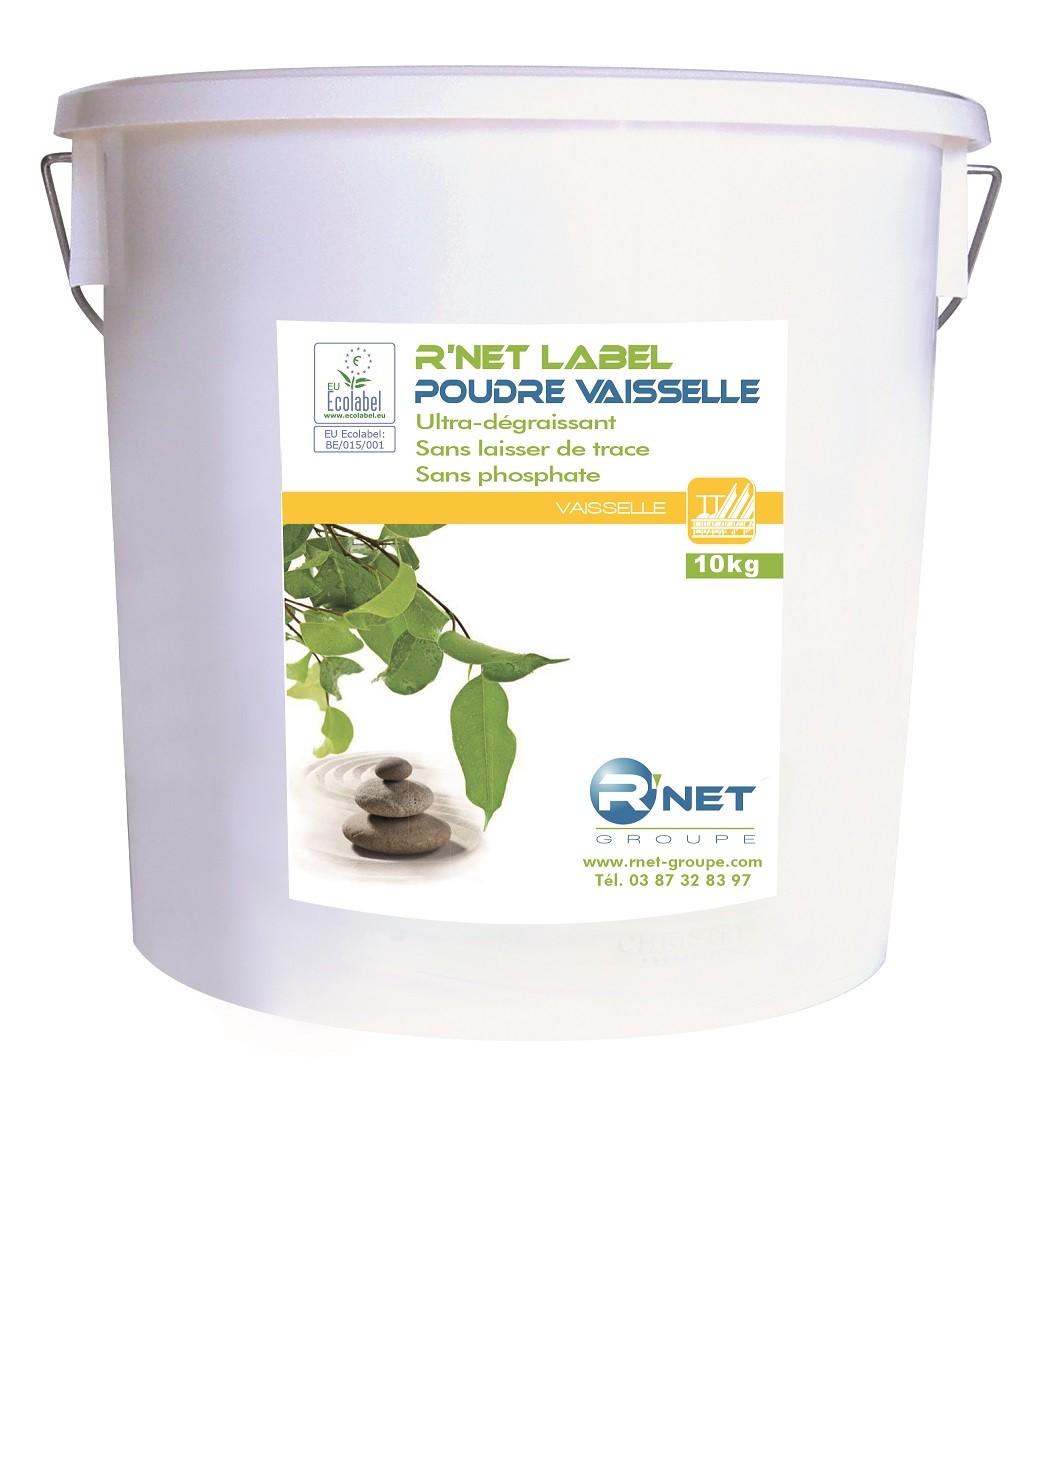 R'net label vaisselle poudre - 10kg